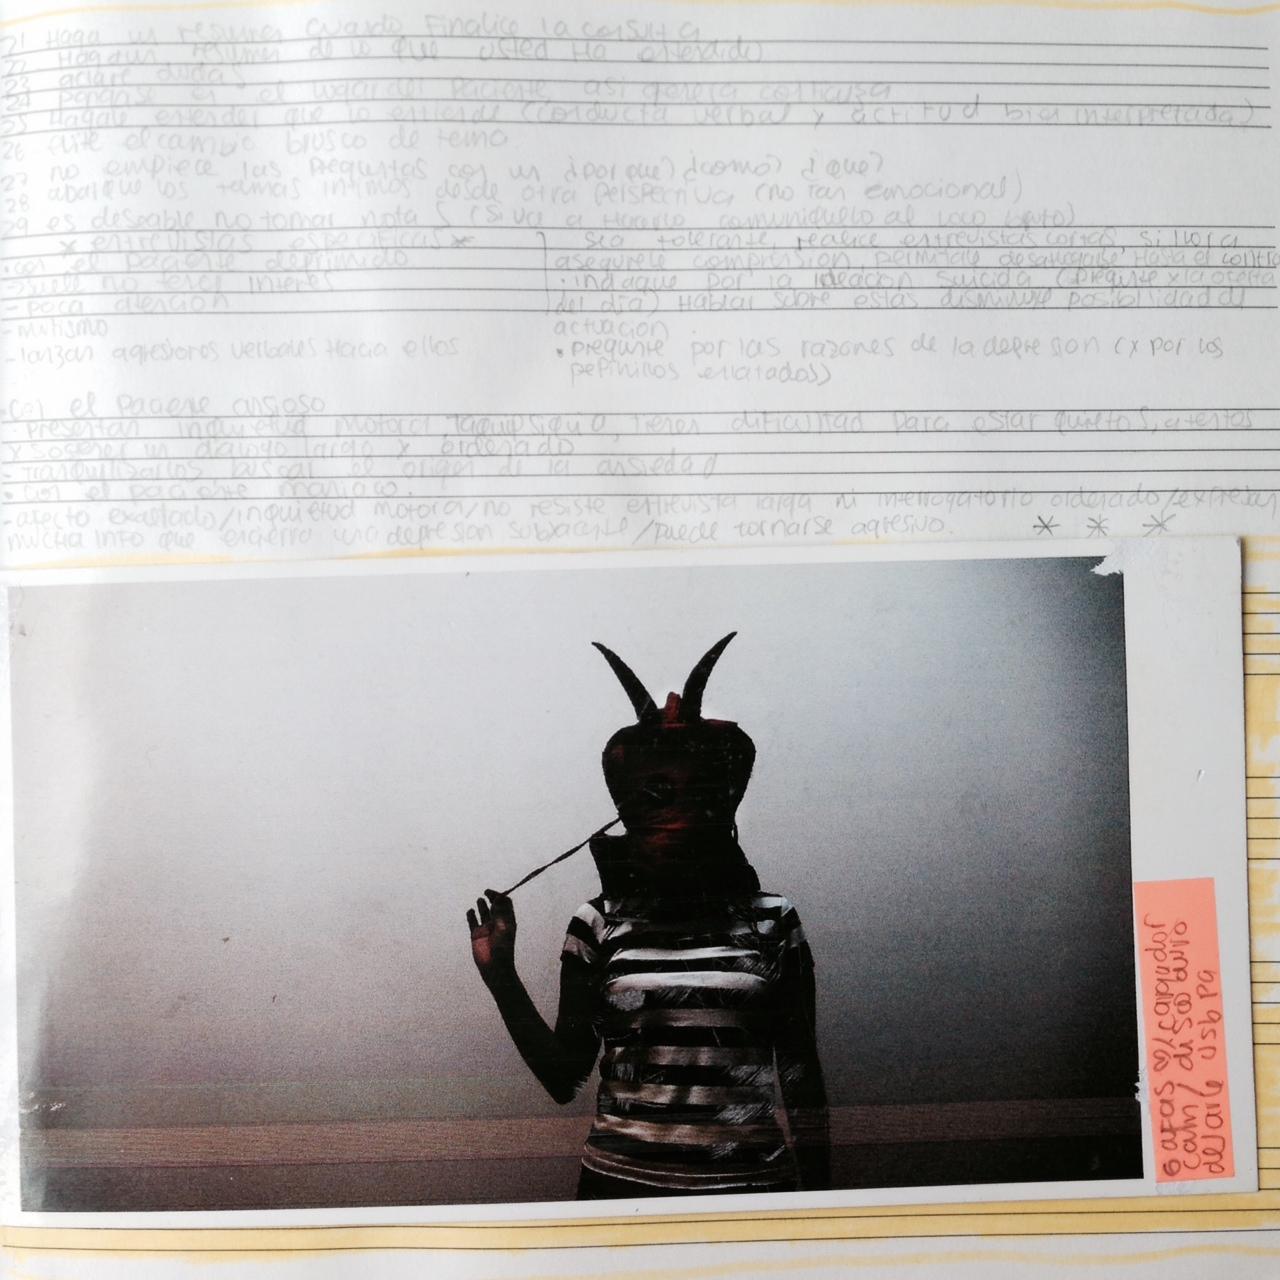 la foto 1 (5).JPG